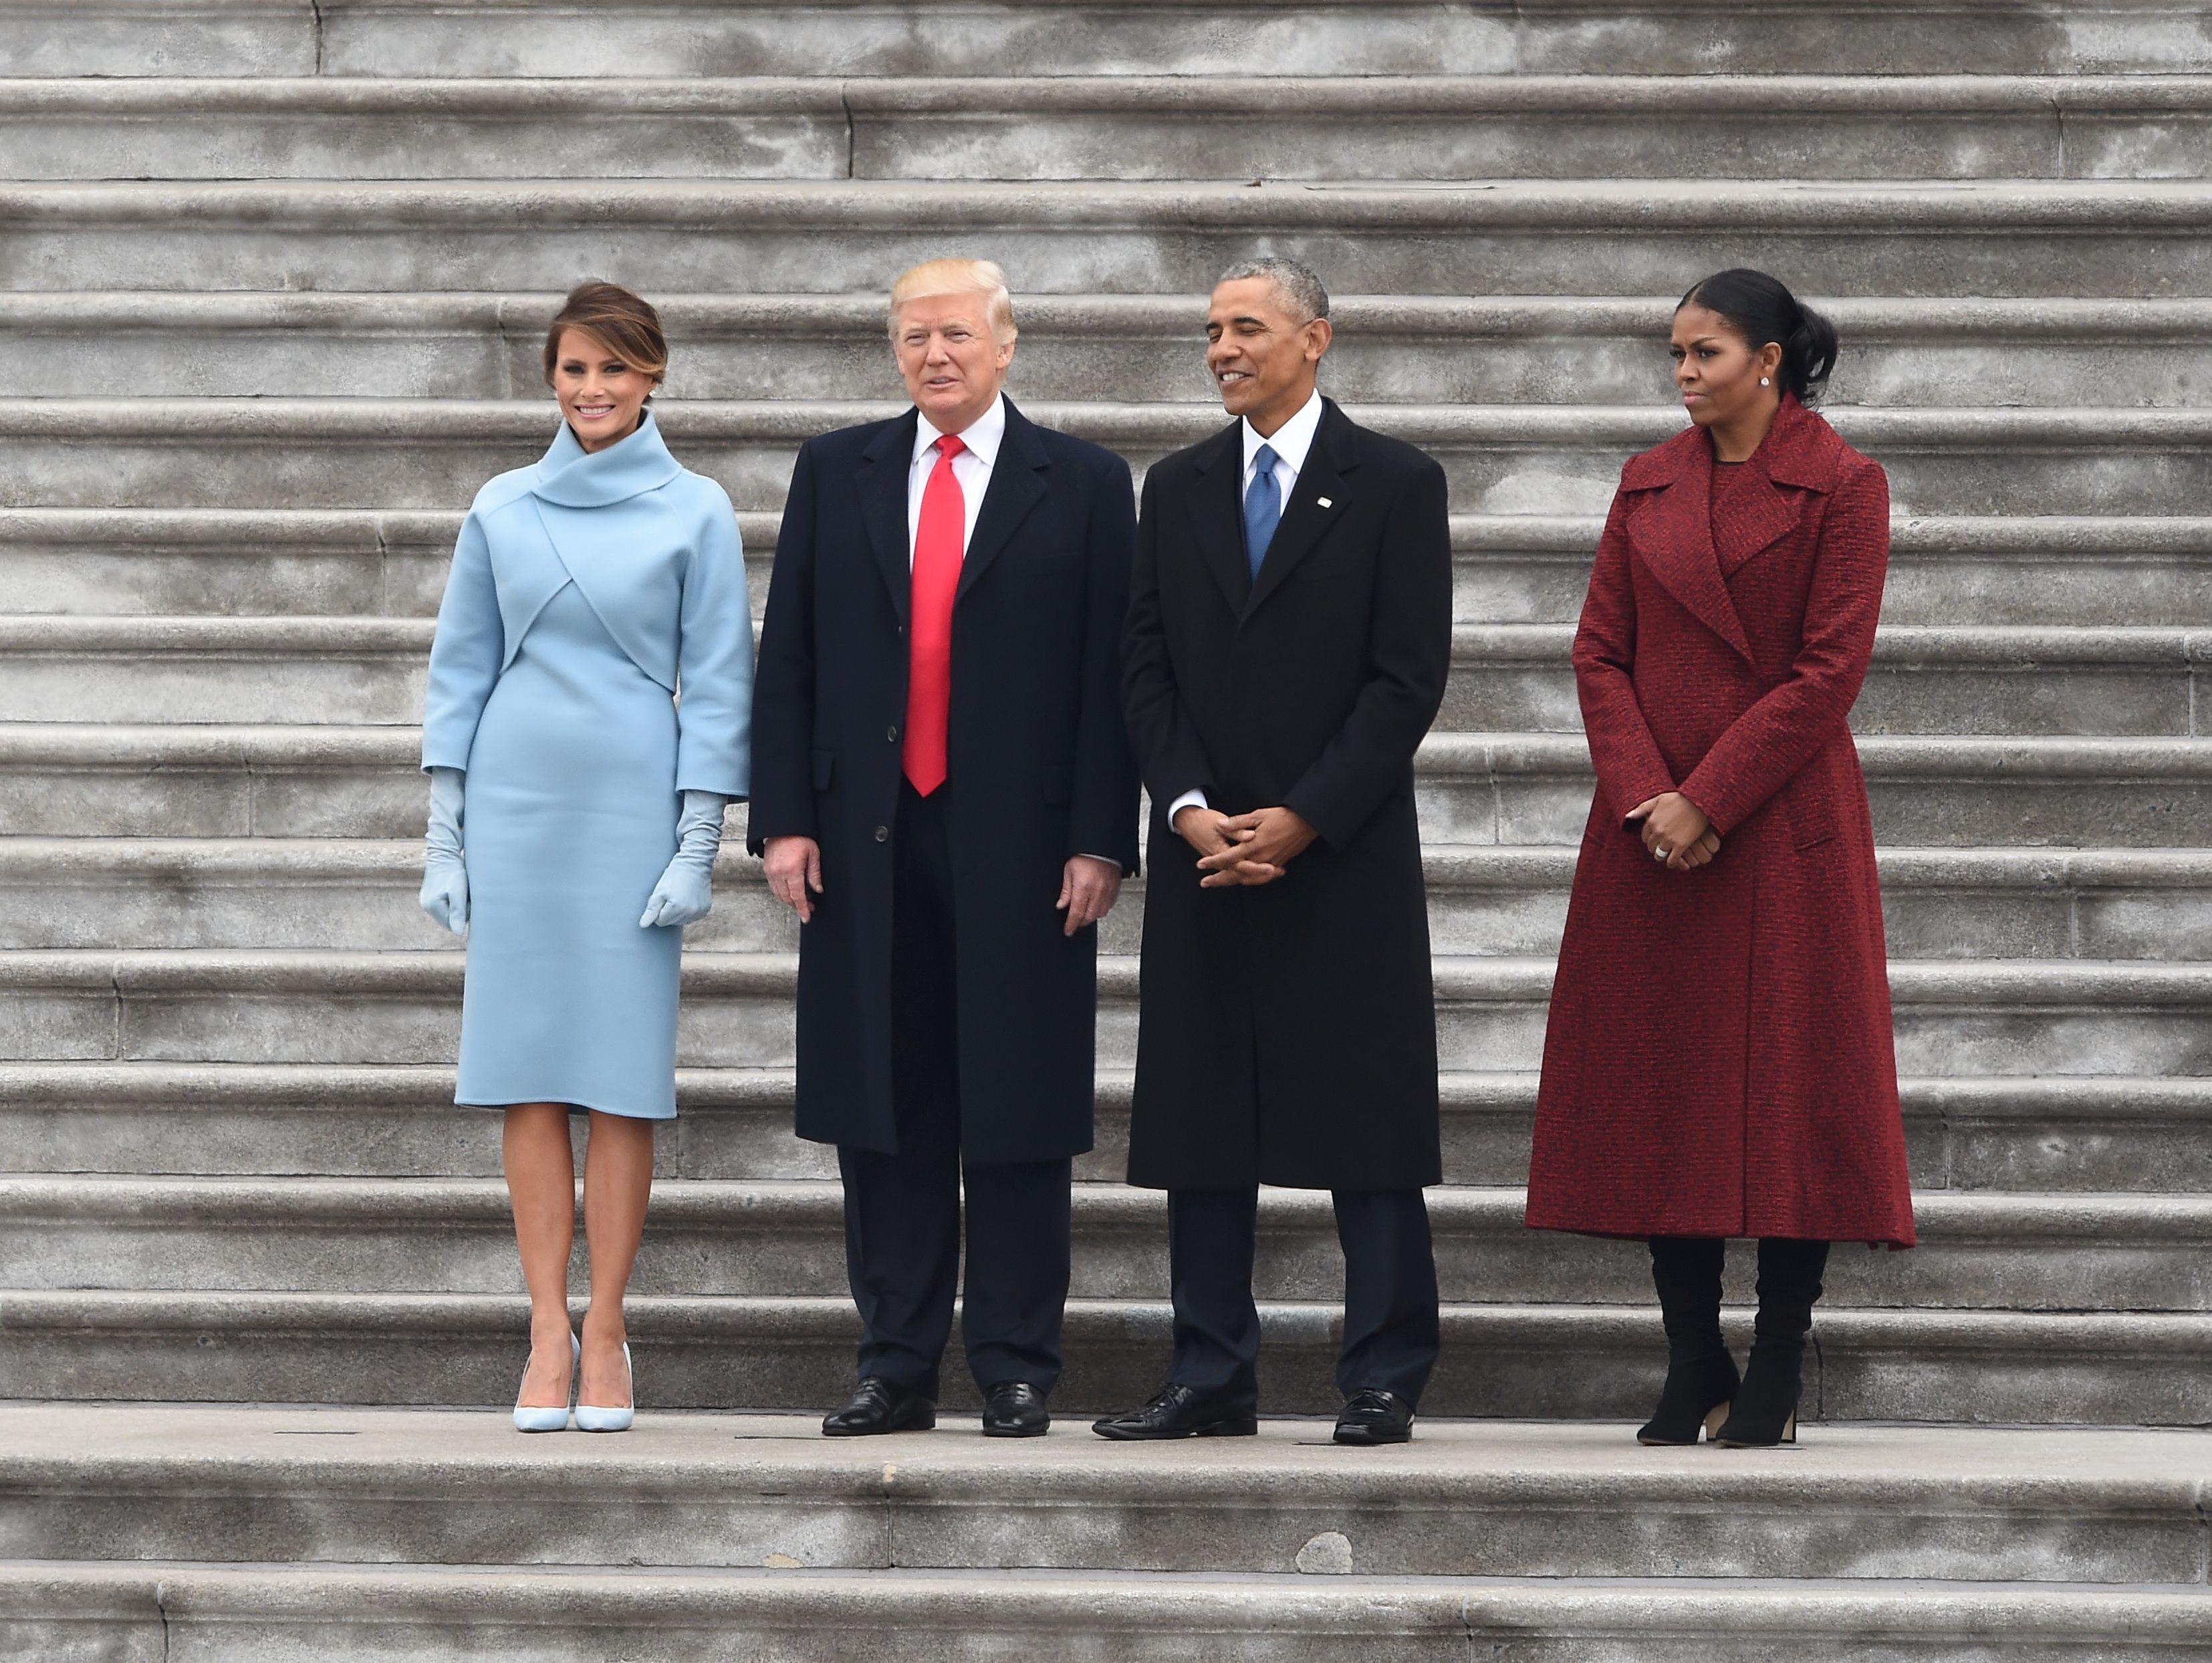 ترامب وأوباما وزوجتيهما فى صورة جماعية